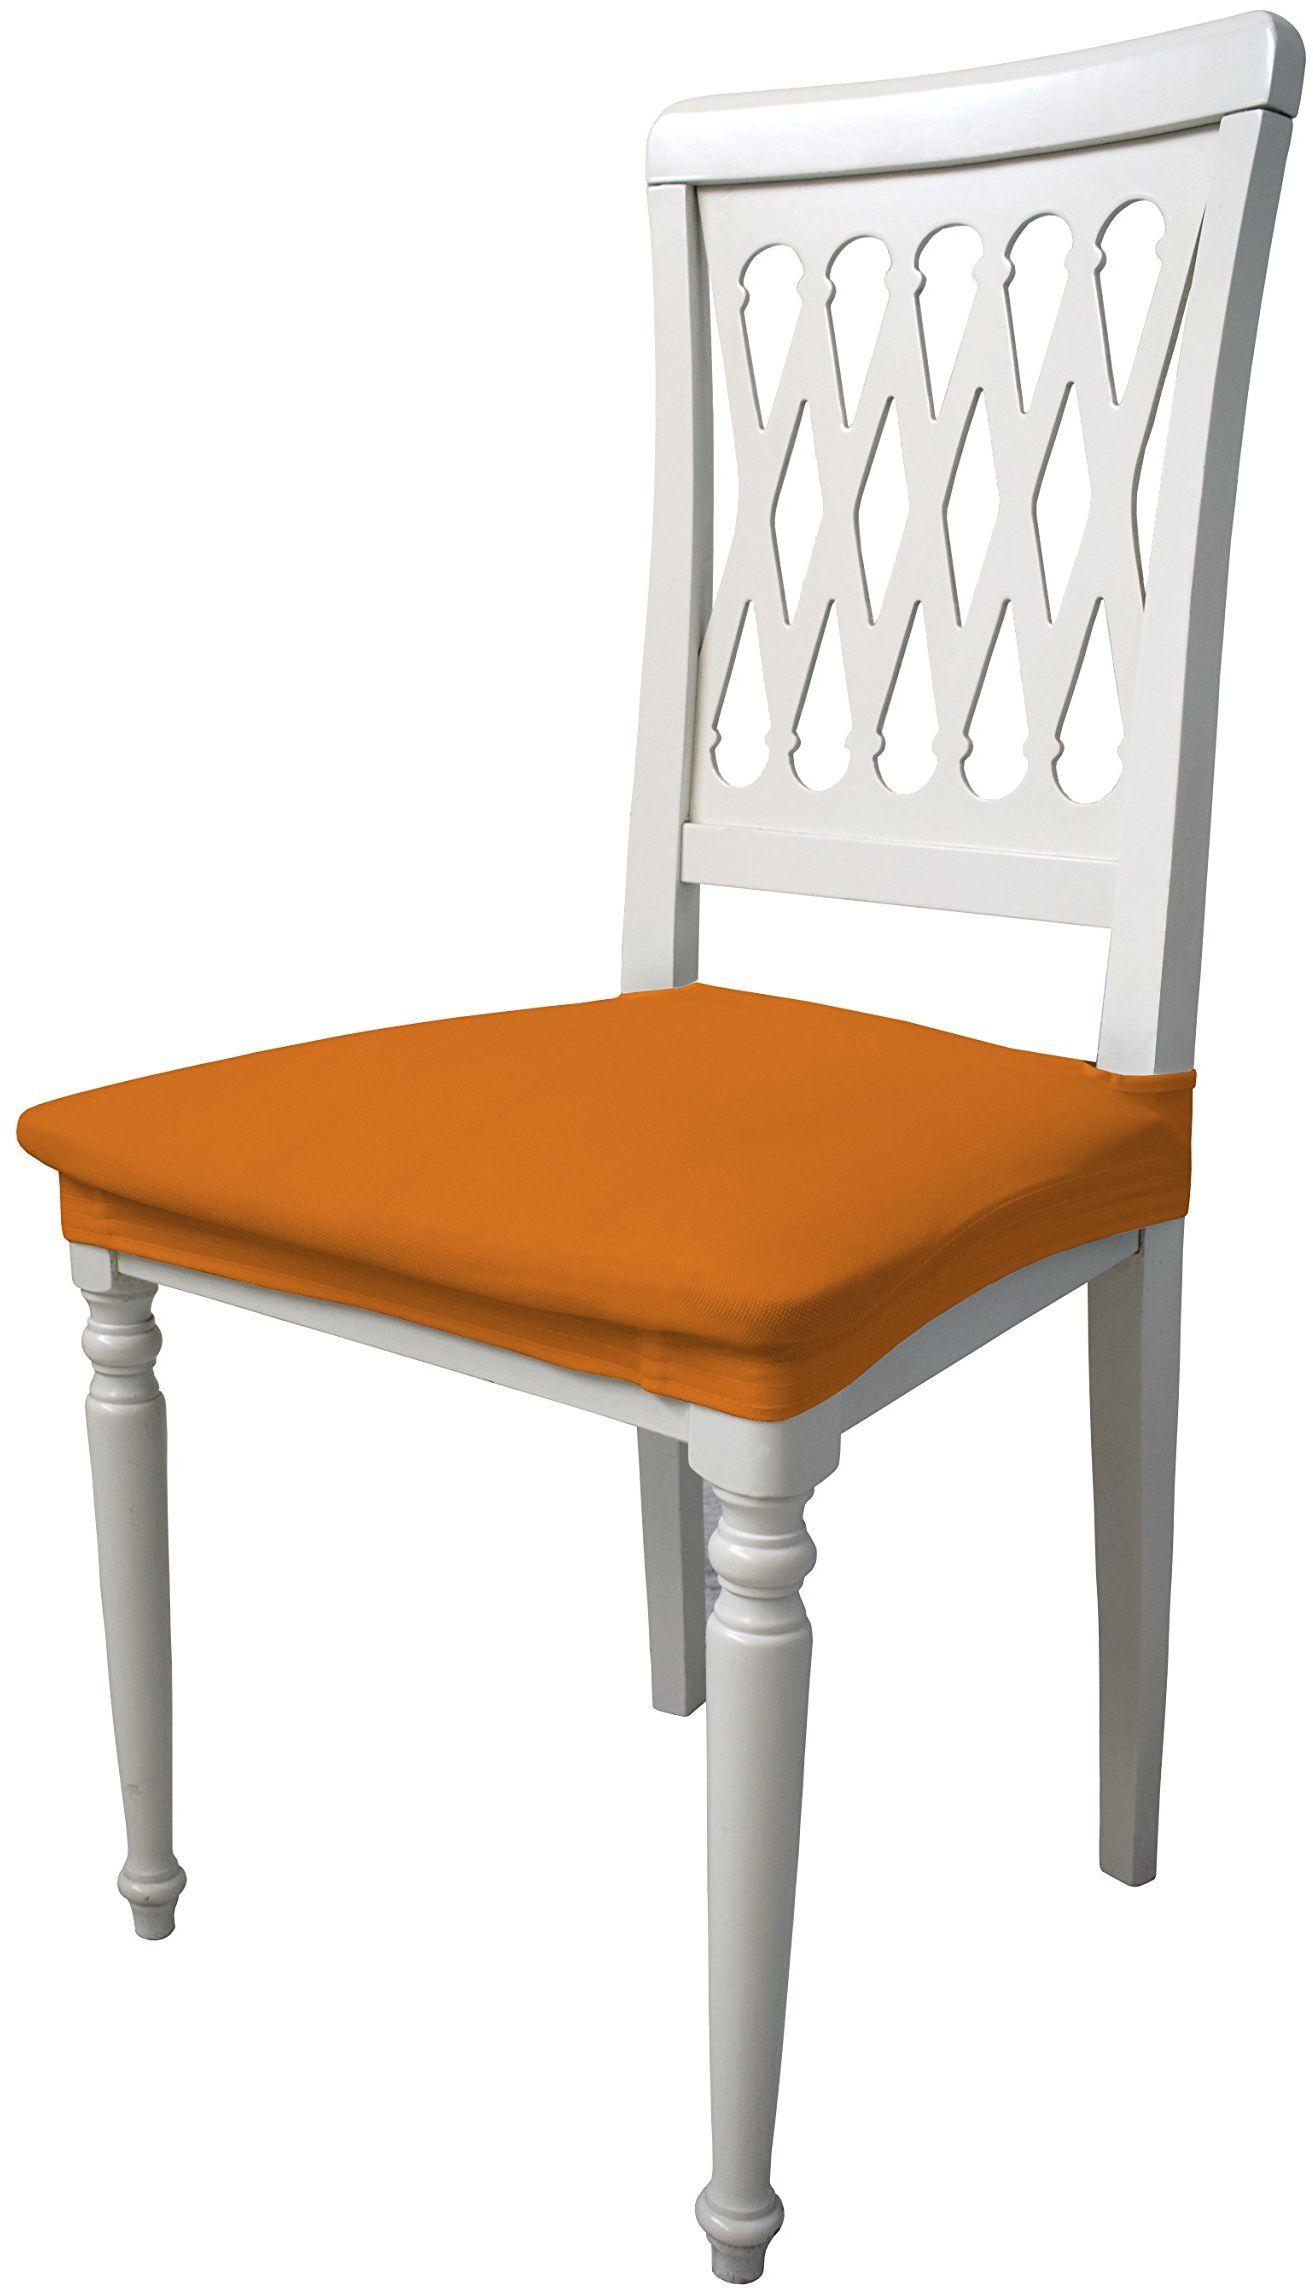 Più bello PB-AR elastyczne pokrowce na krzesła, pomarańczowe (2 sztuki), 100% poliester, standard